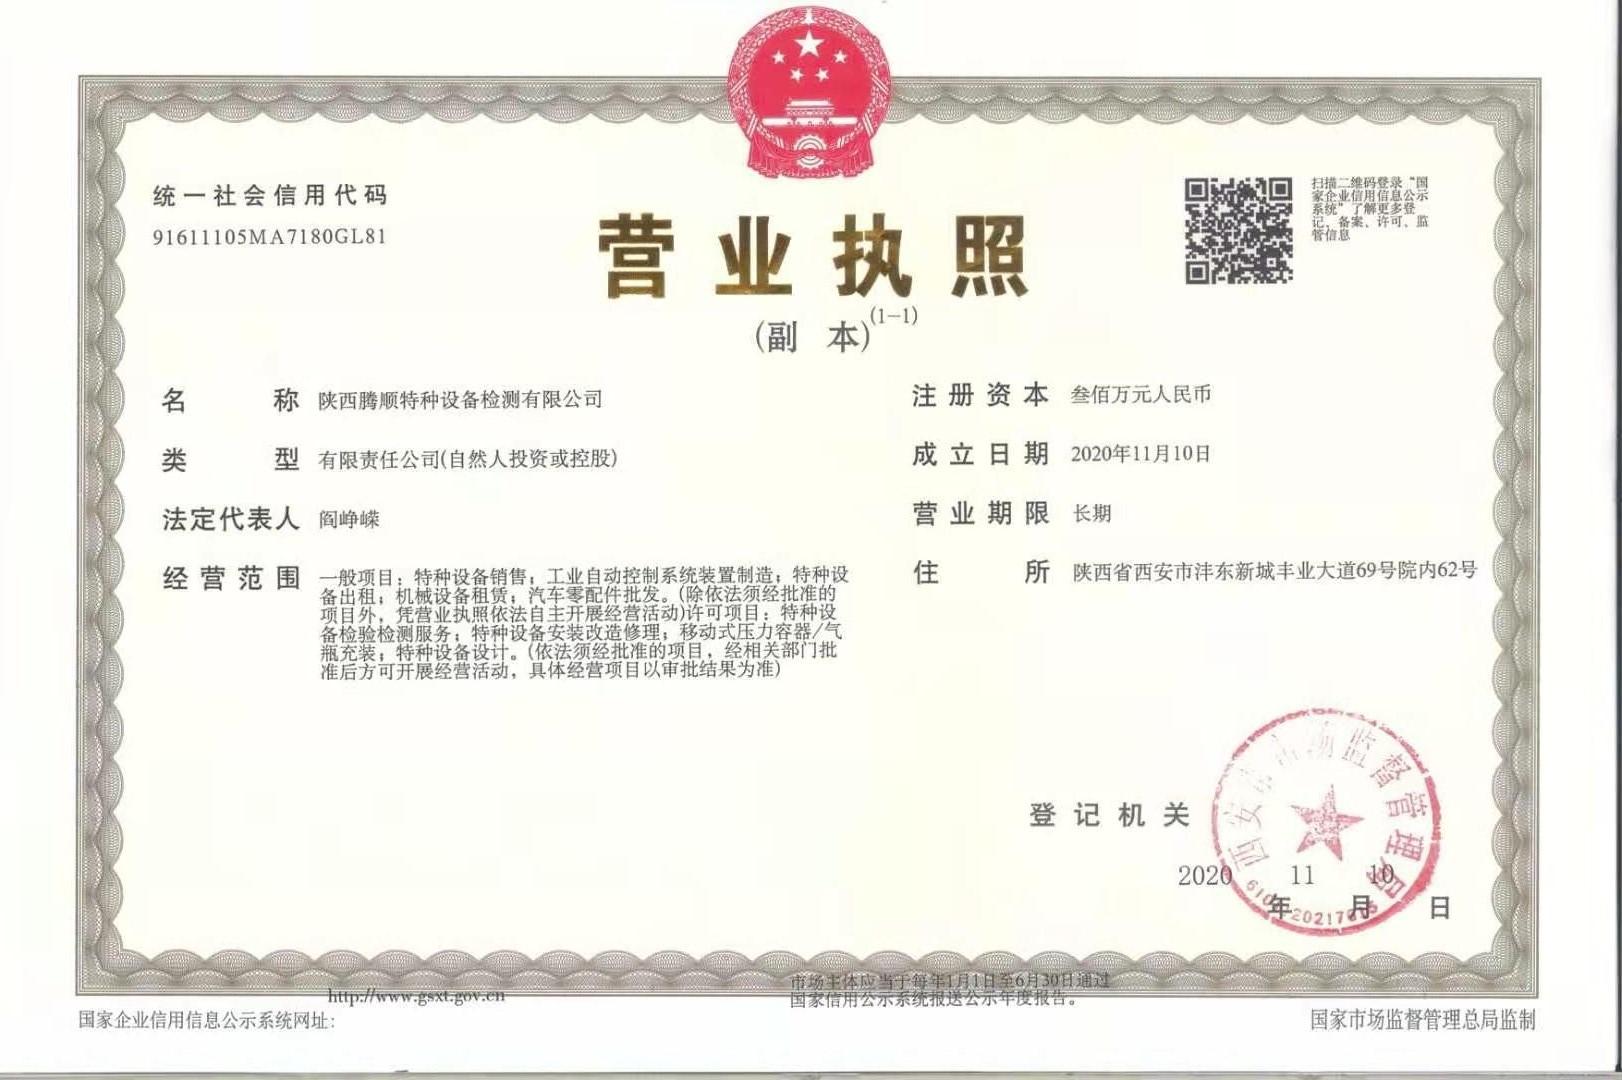 陕西腾顺特种设备检测营业执照